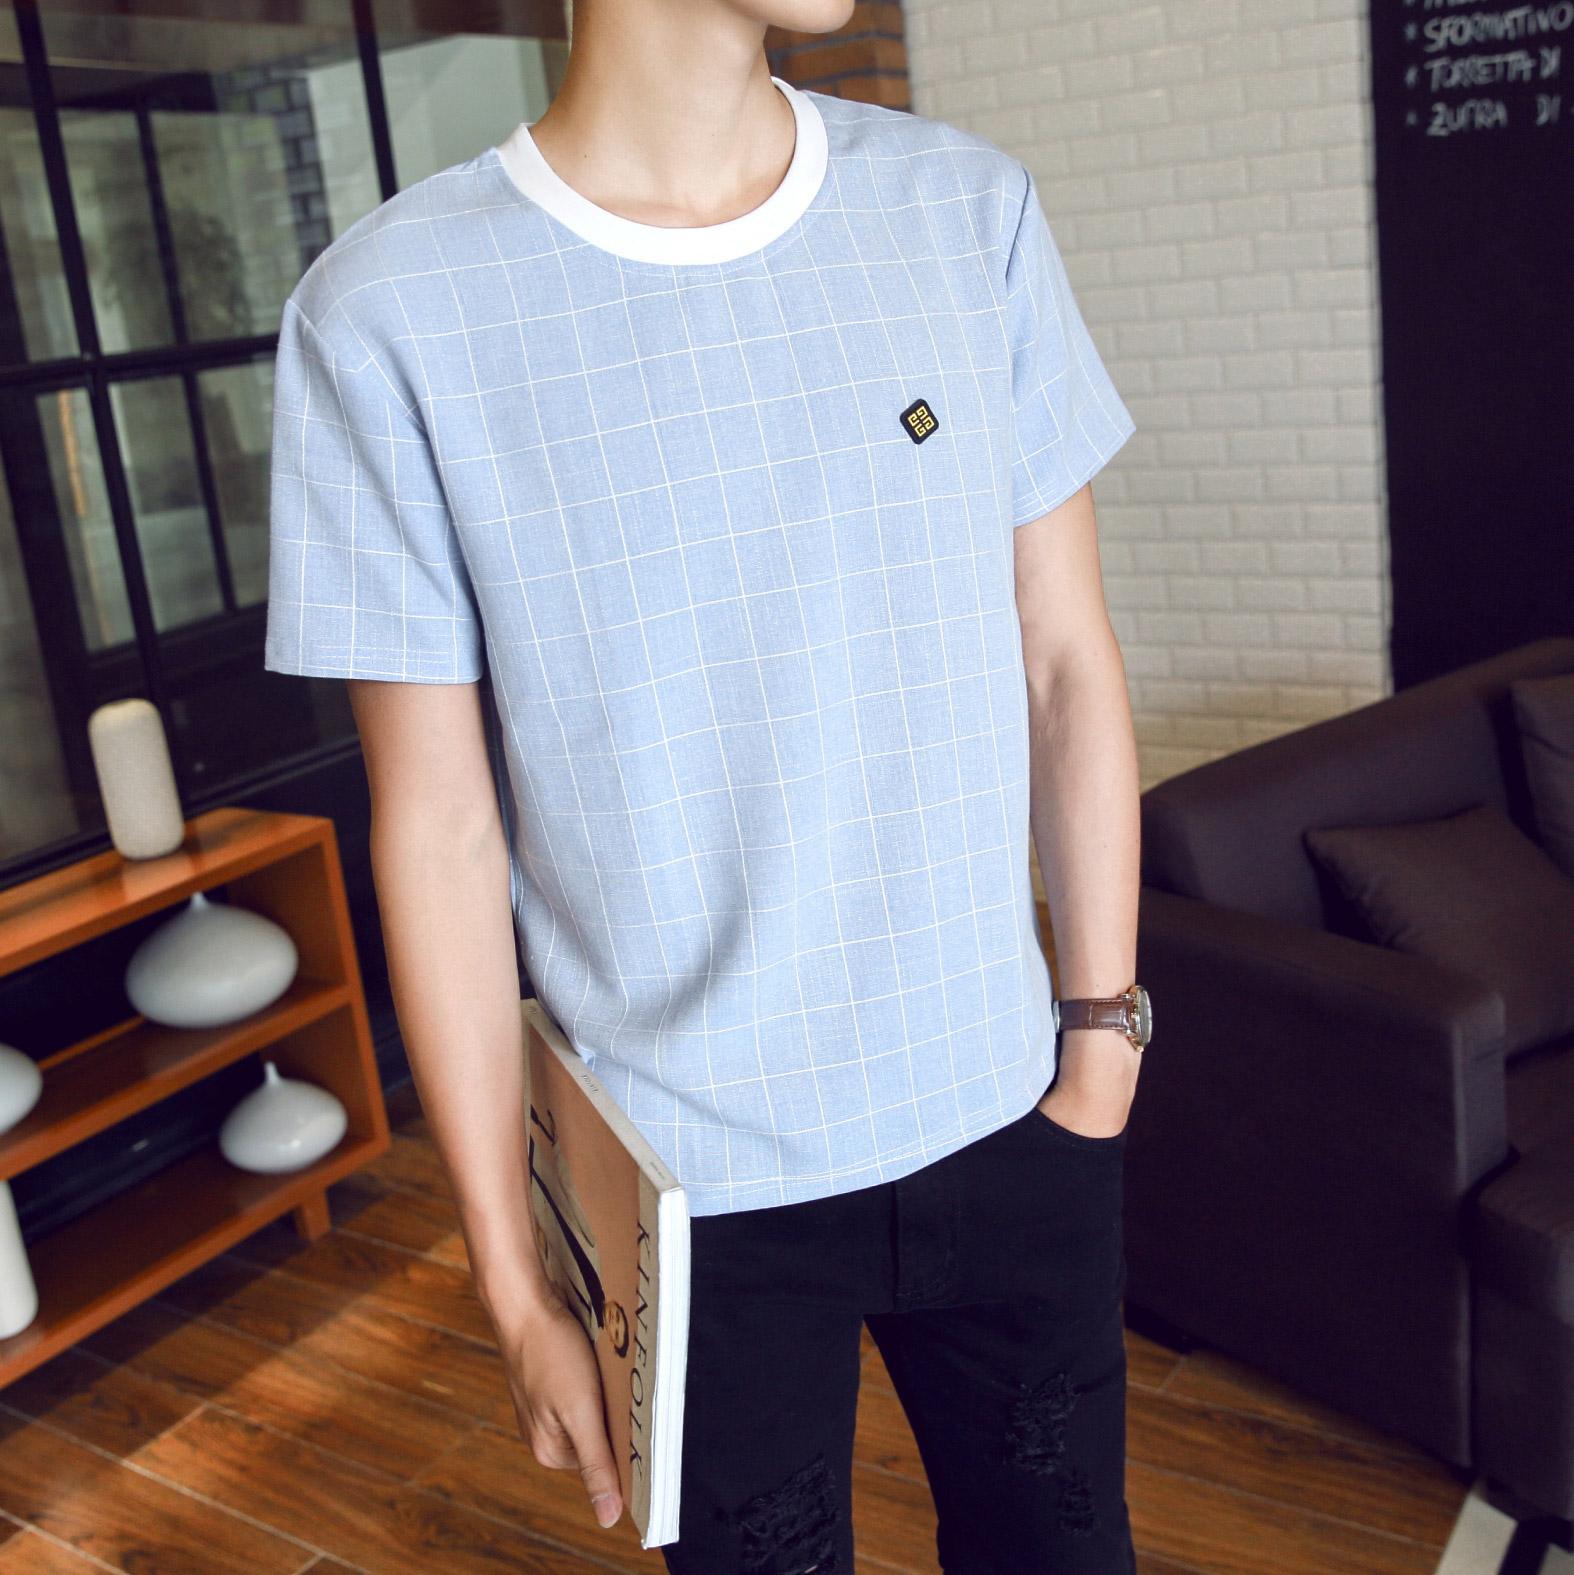 2018夏季潮格子男士短袖T恤韩版宽松休闲体恤半袖衣服男装